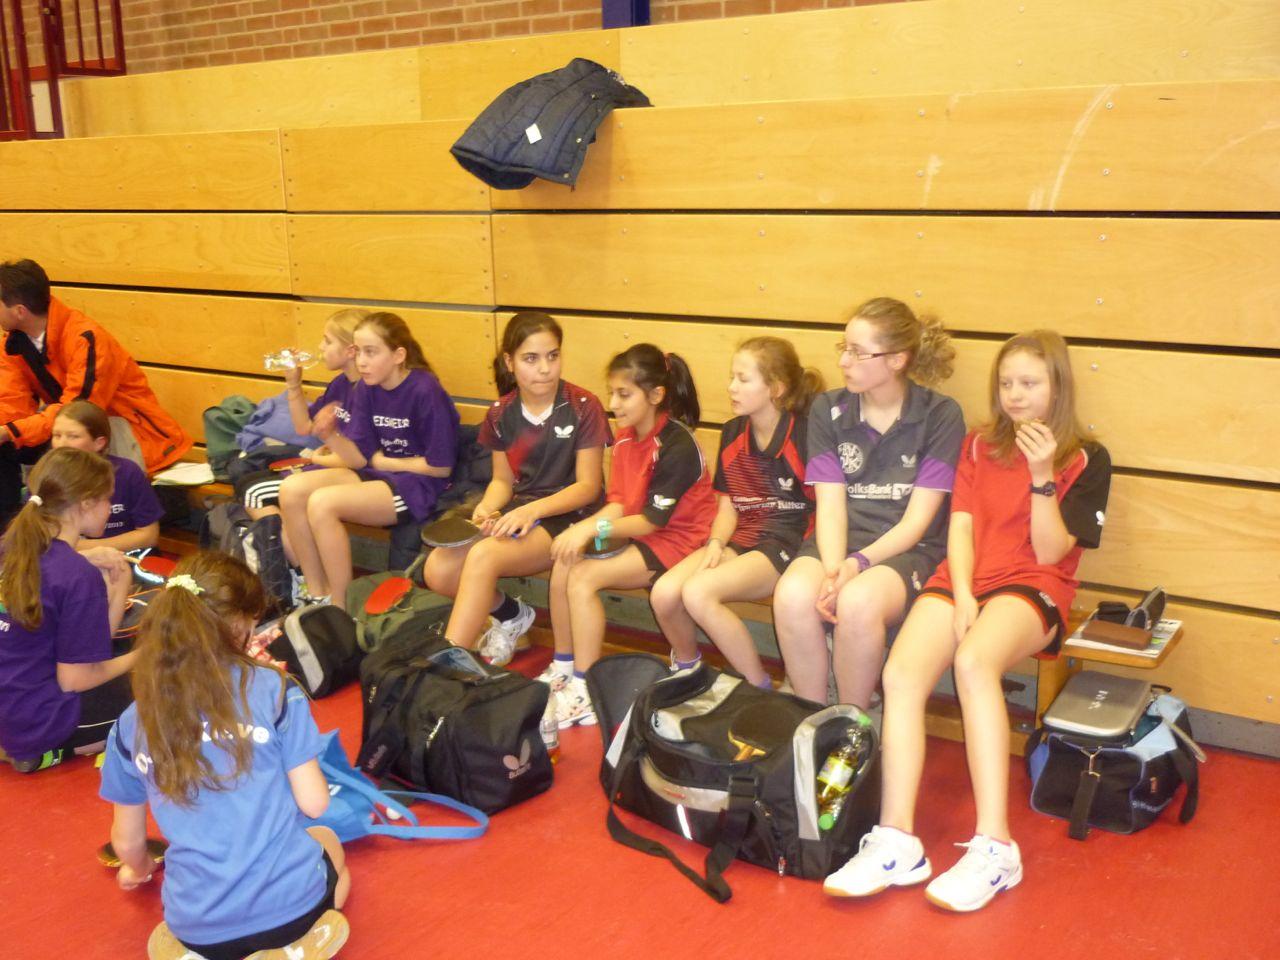 Aktuelles aus dem Schulsport: Tischtennis-Schulmannschaft Mädchen erreicht Landesfinale  NRW